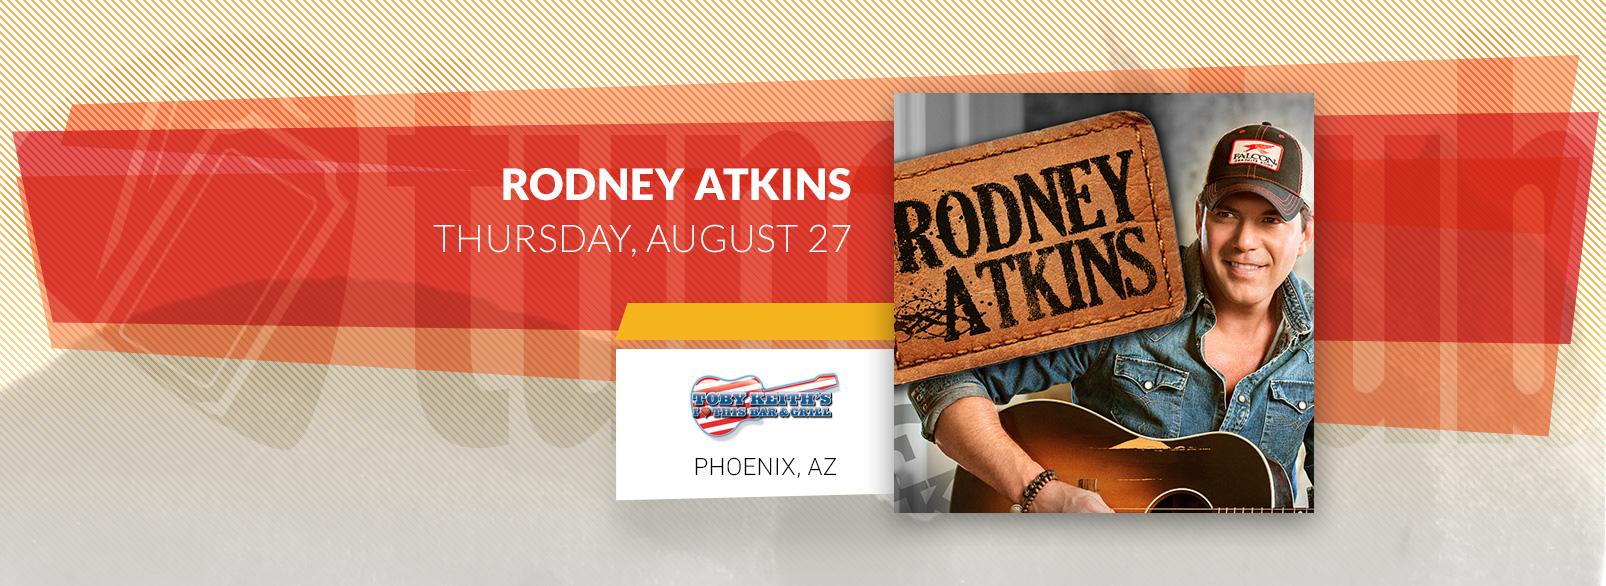 Rodney Atkins @ Toby Keith's Phoenix